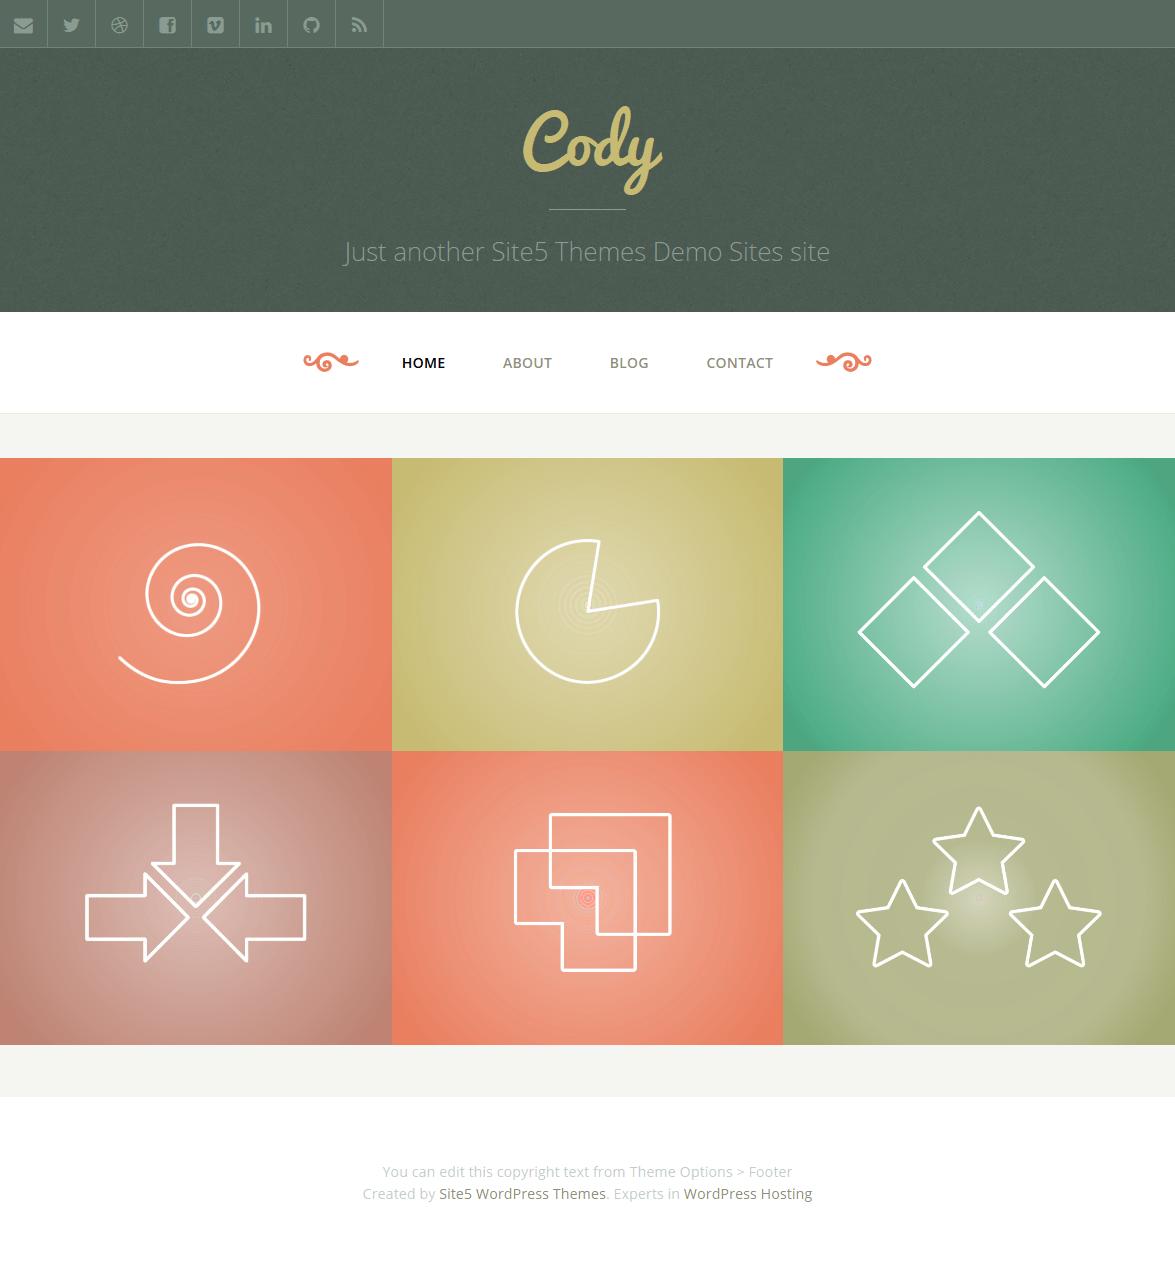 cody-wordpress-tema